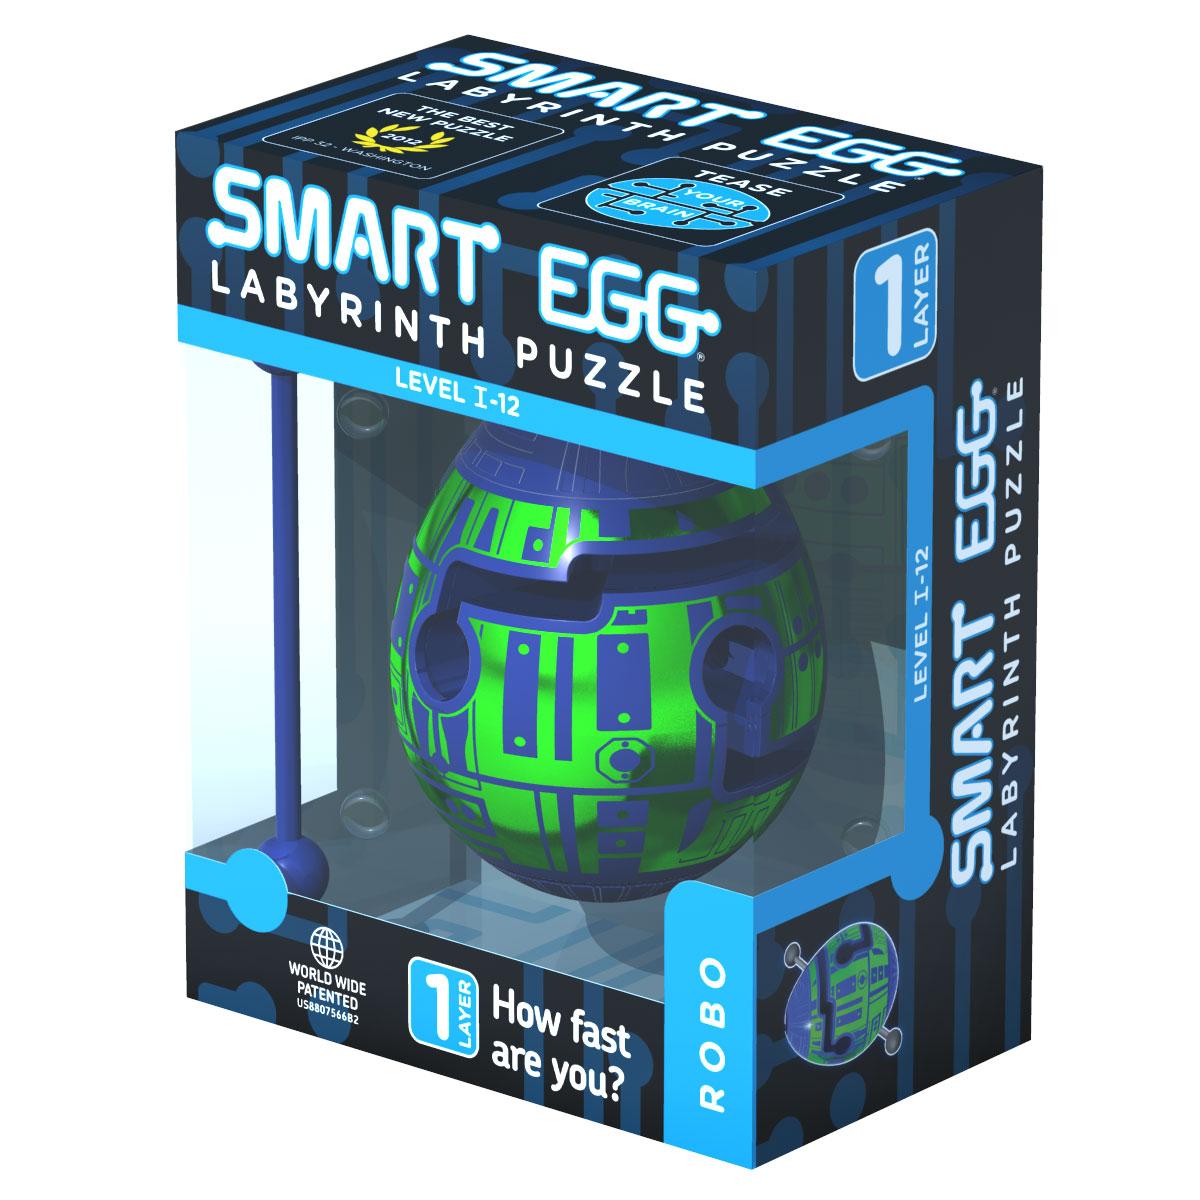 SMART EGG - Robo